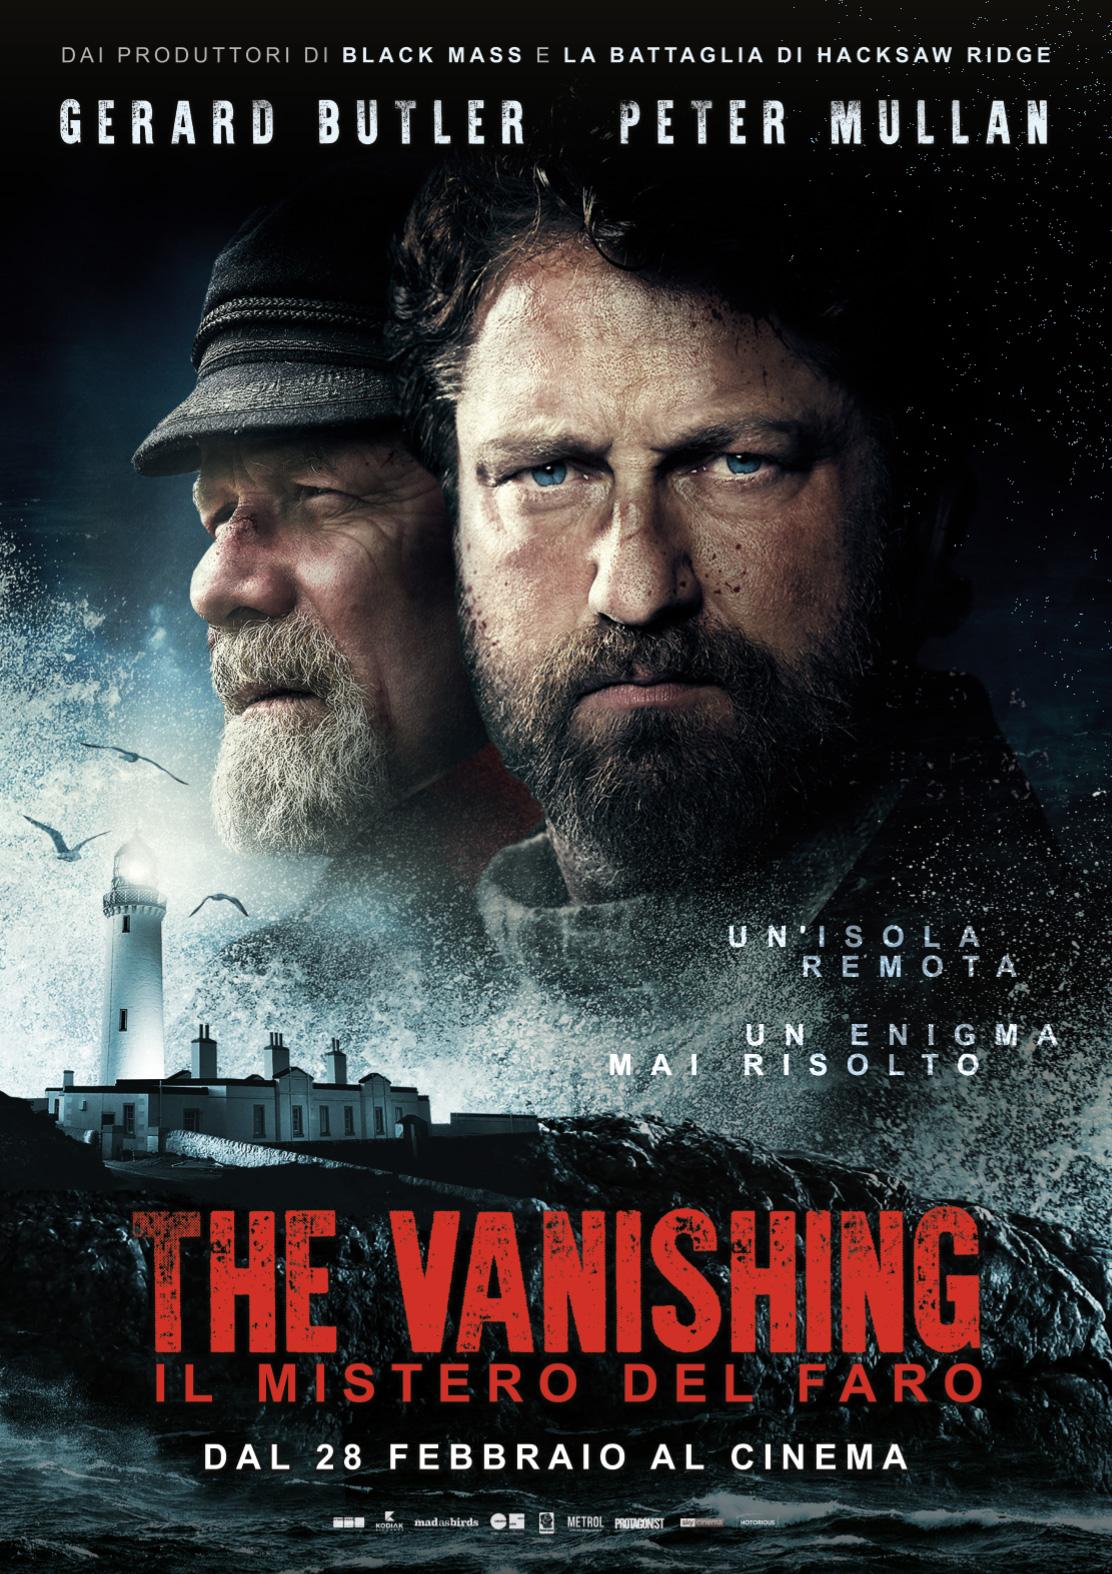 THE VANISHING – IL MISTERO DEL FARO giovedì 28 e venerdì 1: ore 21,15 sabato 2 e domenica 3: ore 18,30 – 21,15 #TheVanishing – Il Mistero del Faro